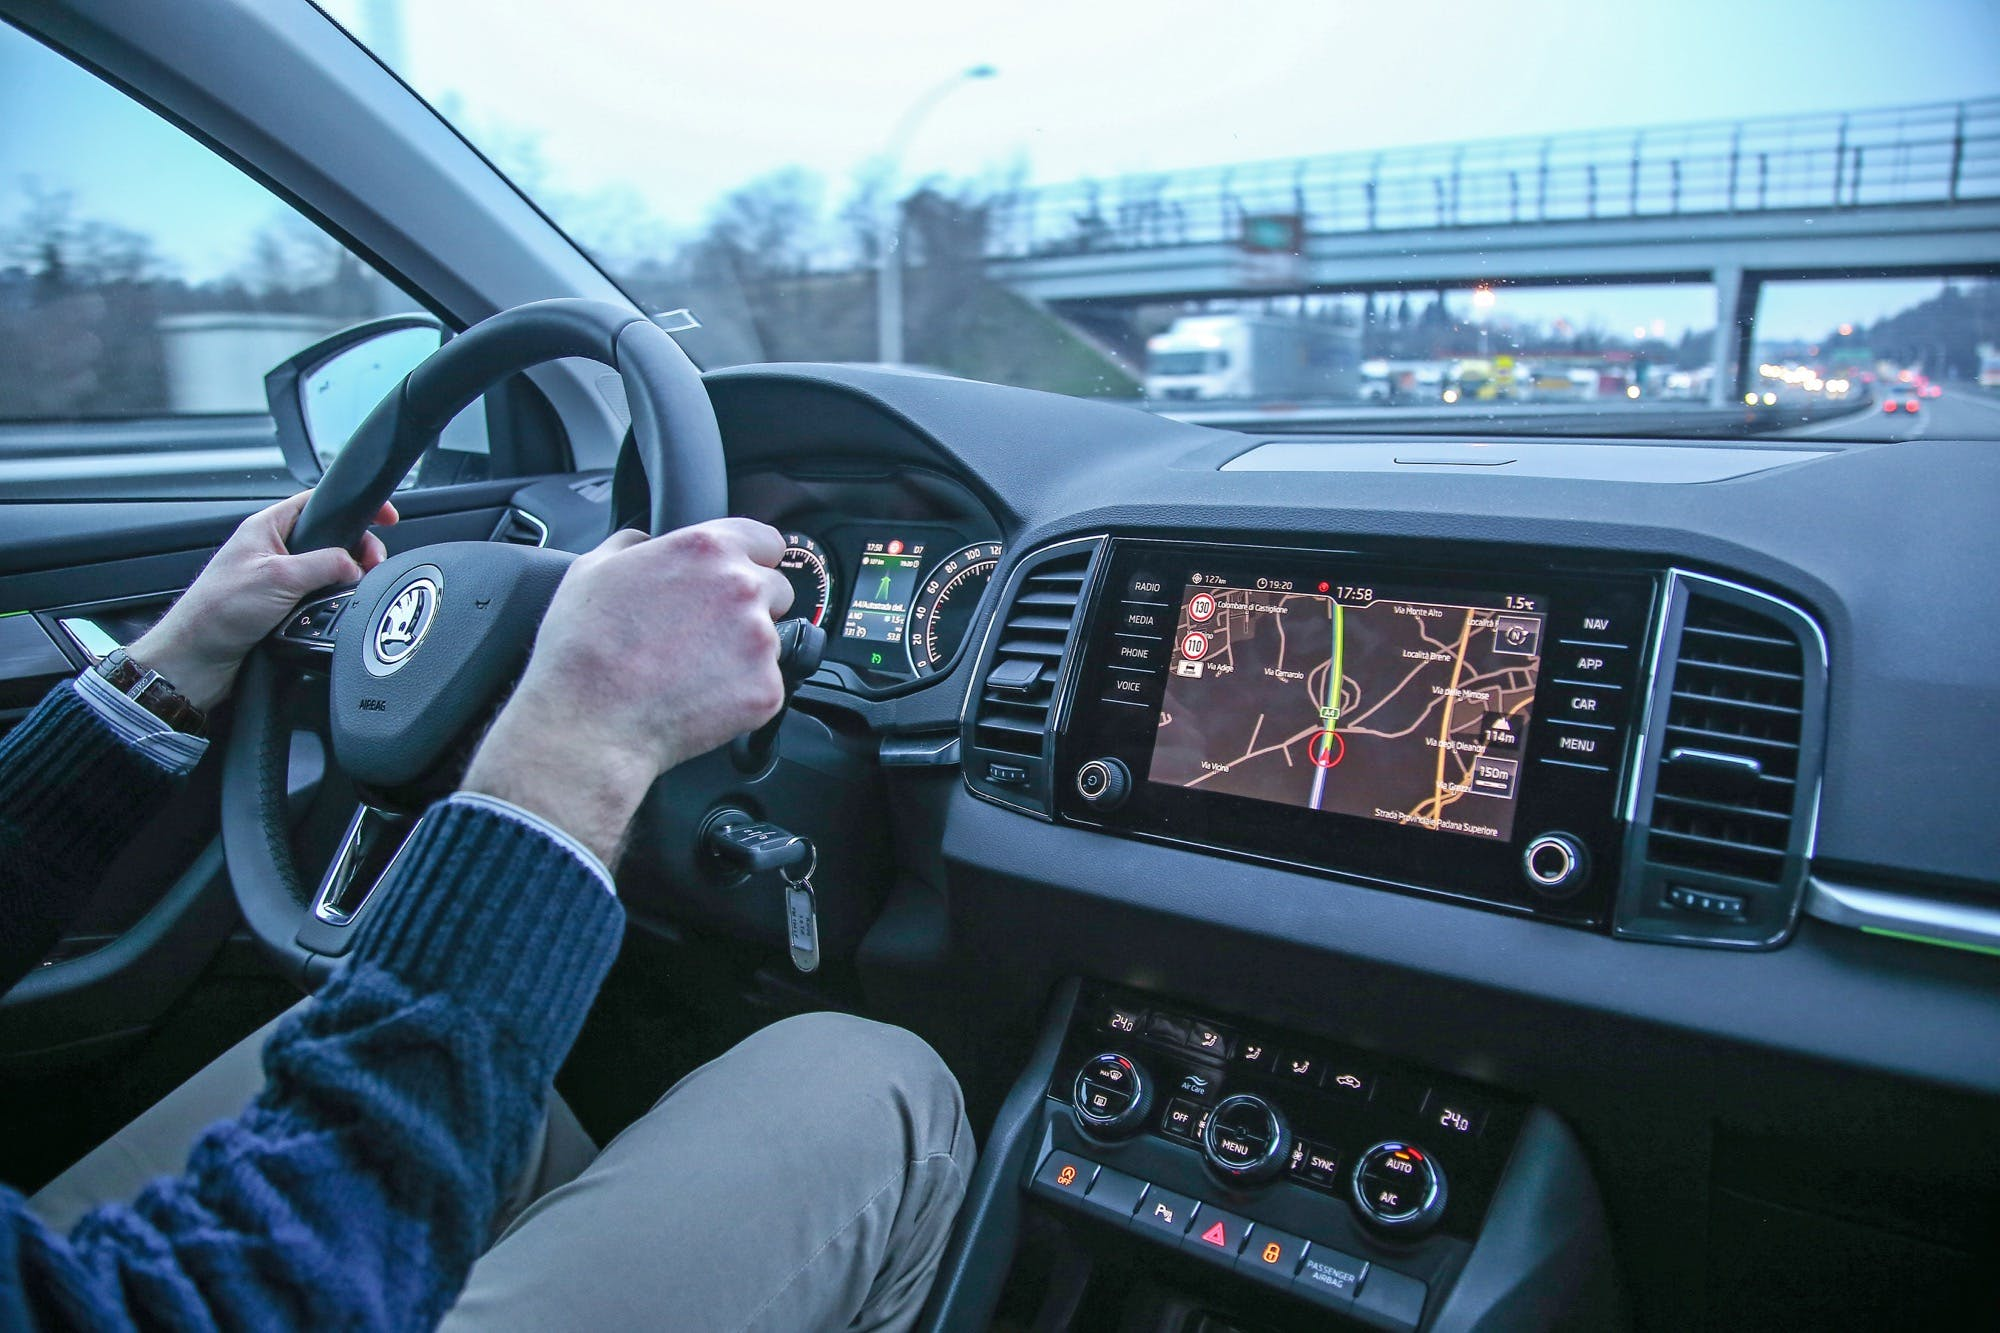 Skoda Karoq interni durante la guida in autostrada: svetta lo schermo del navigatore satellitare